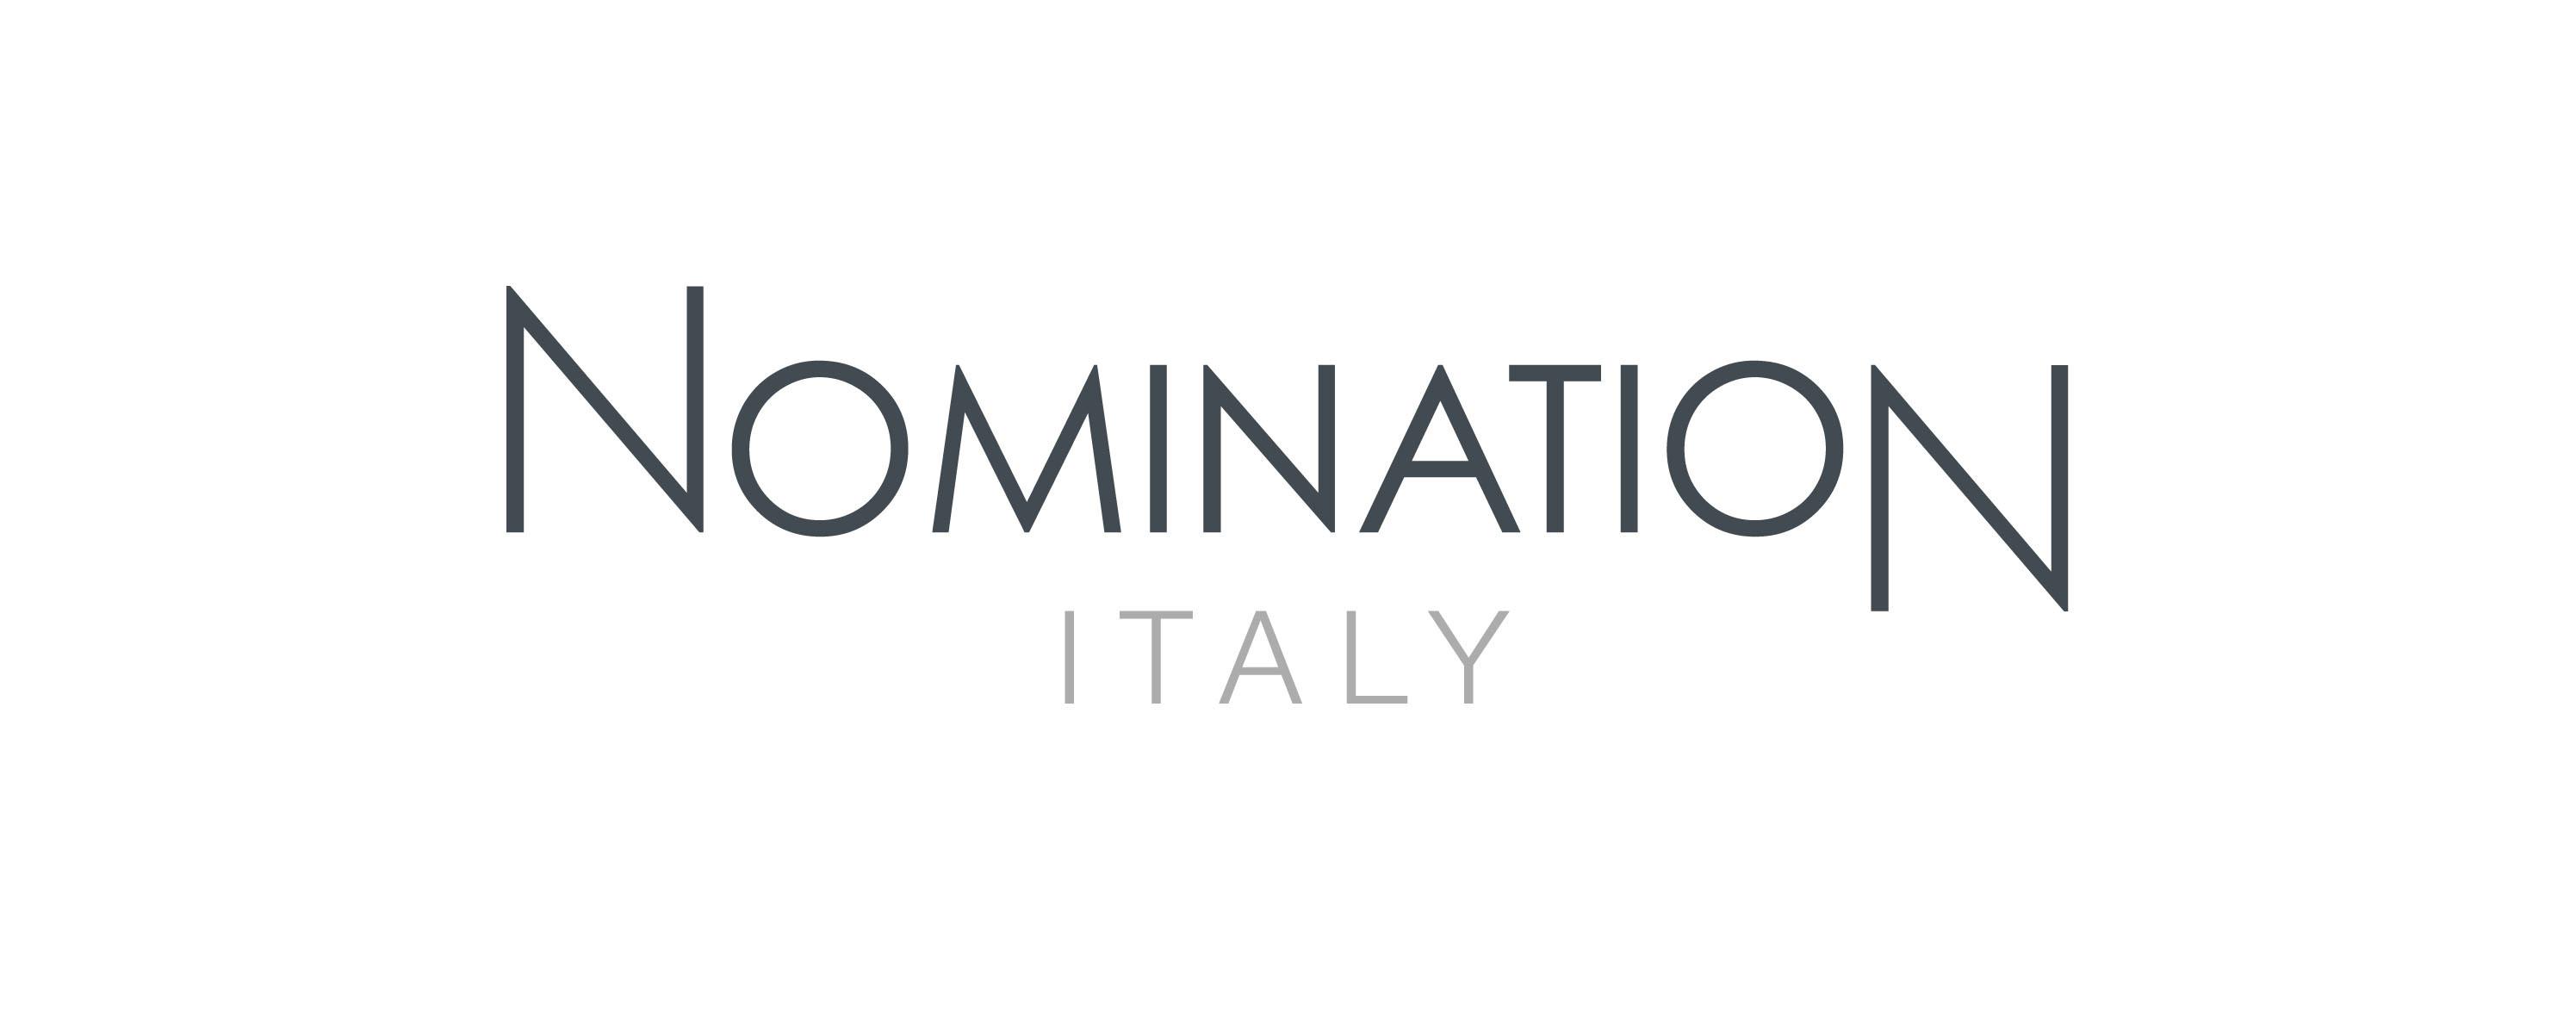 Nomination бутик итальянских ювелирных изделий в томске на